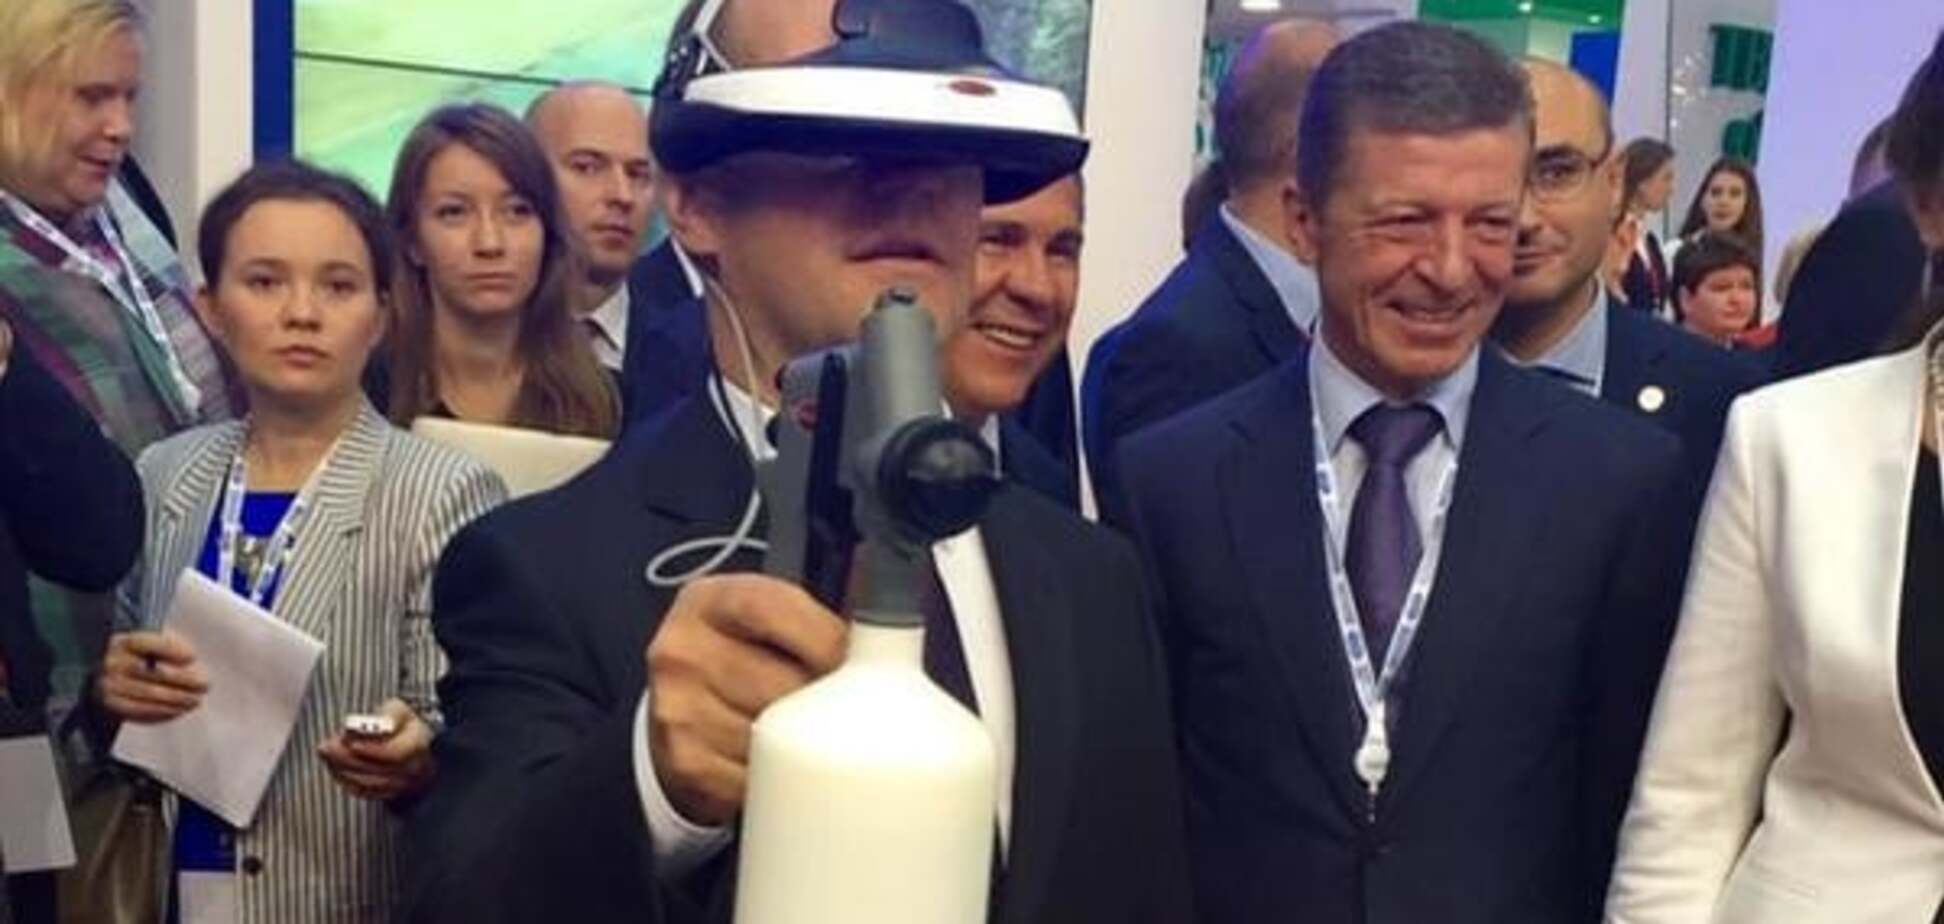 Медведев похвастался 'образом' Робокопа: опубликованы фото